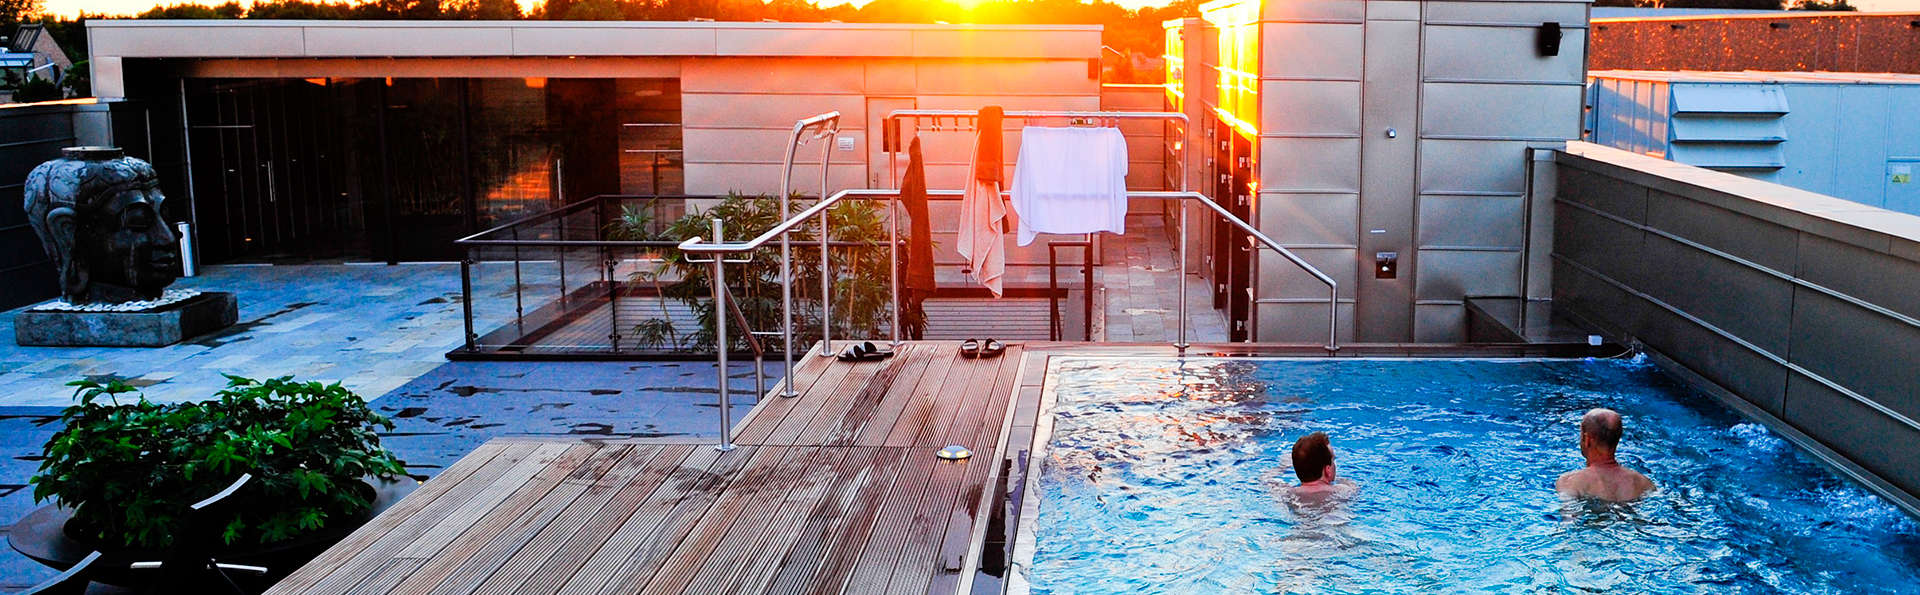 Détendez-vous au Wellness et séjournez dans un bel hôtel à Maaseik